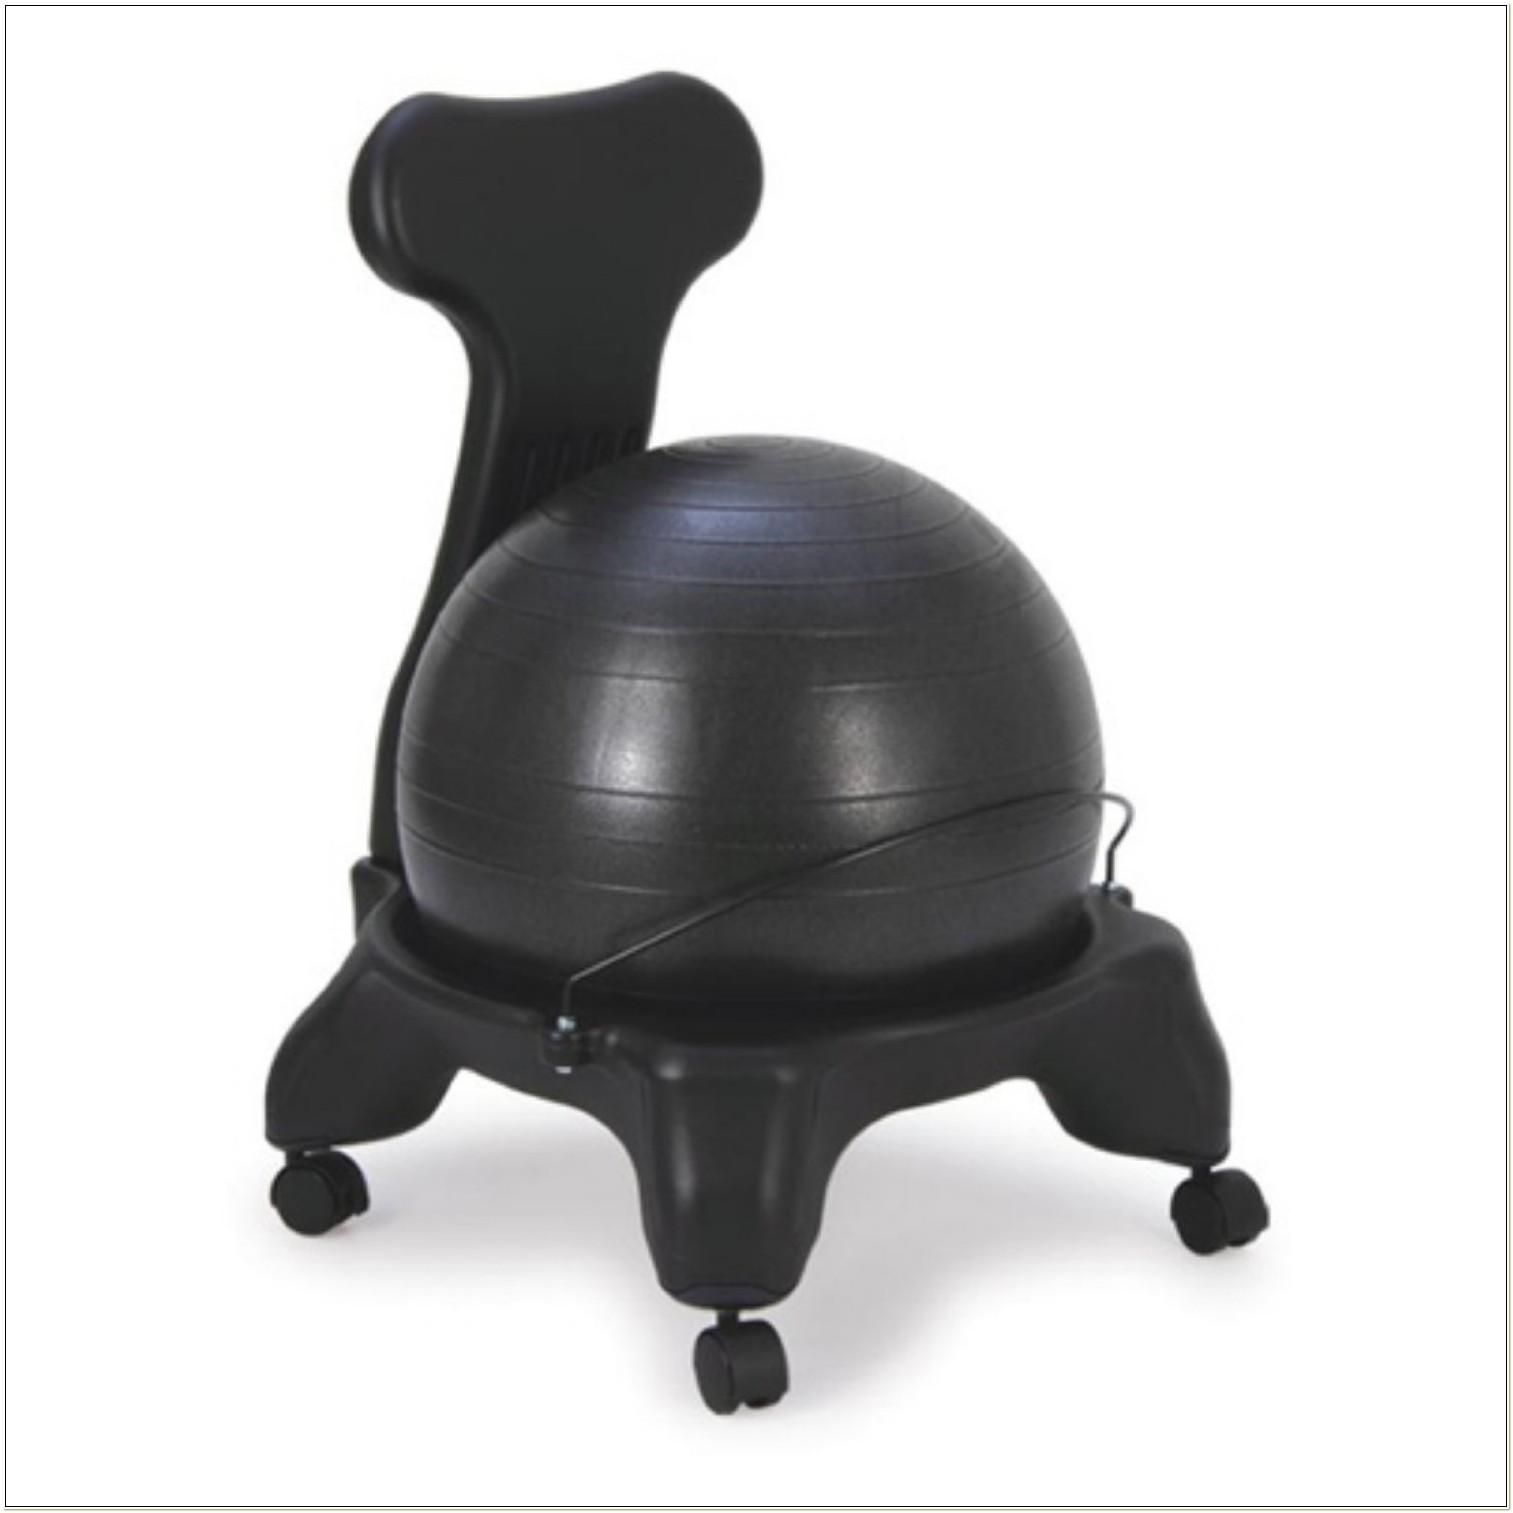 Gaiam Balance Ball Chair Australia